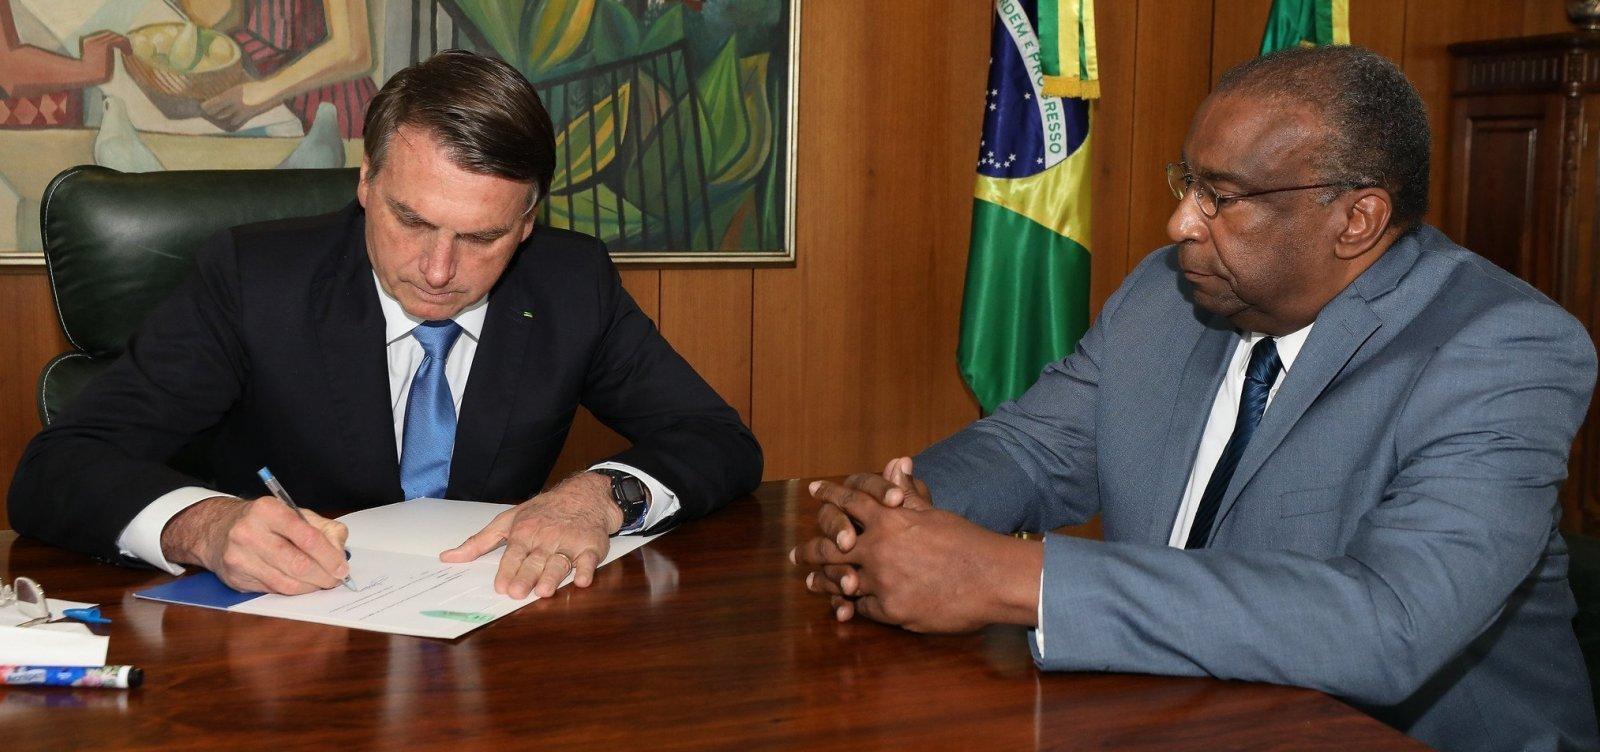 Bolsonaro quer que Decotelli peça demissão, diz jornal